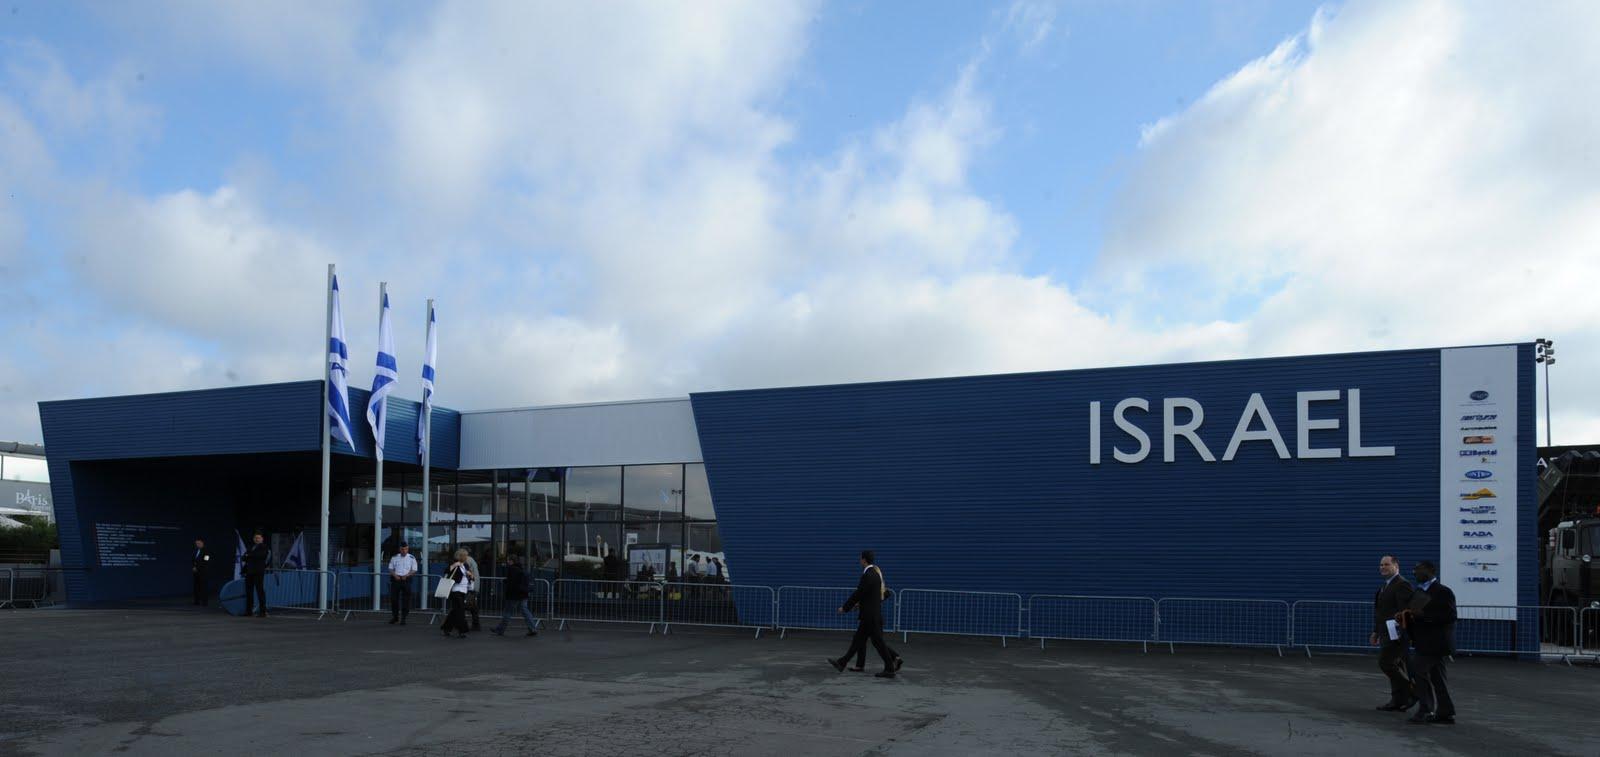 Salon du Bourget: bienvenue au pavillon Israélien – par Yaron Gamburg